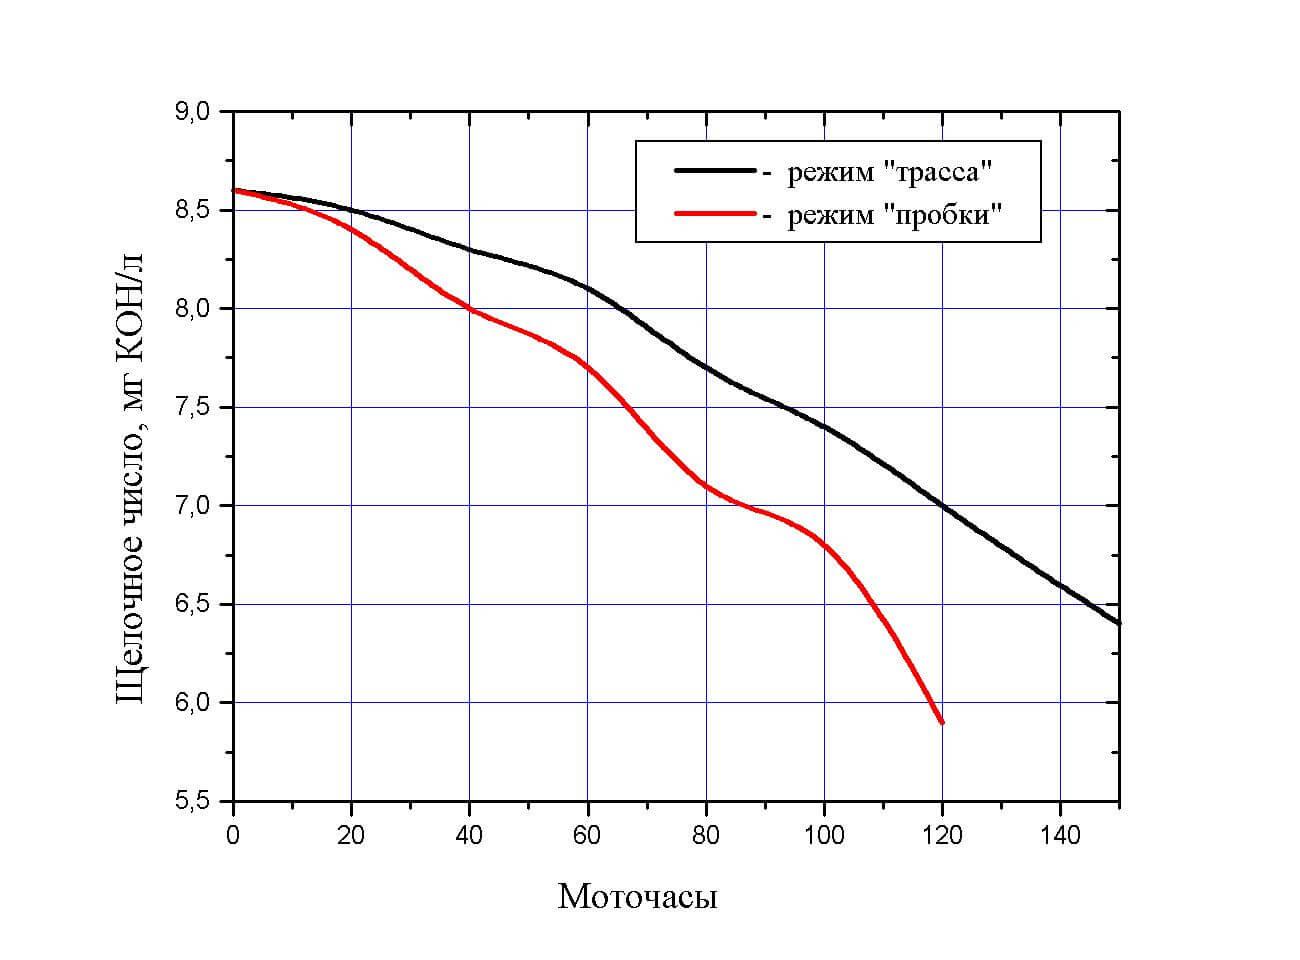 Падение щелочного числа в различных режимах работы мотора